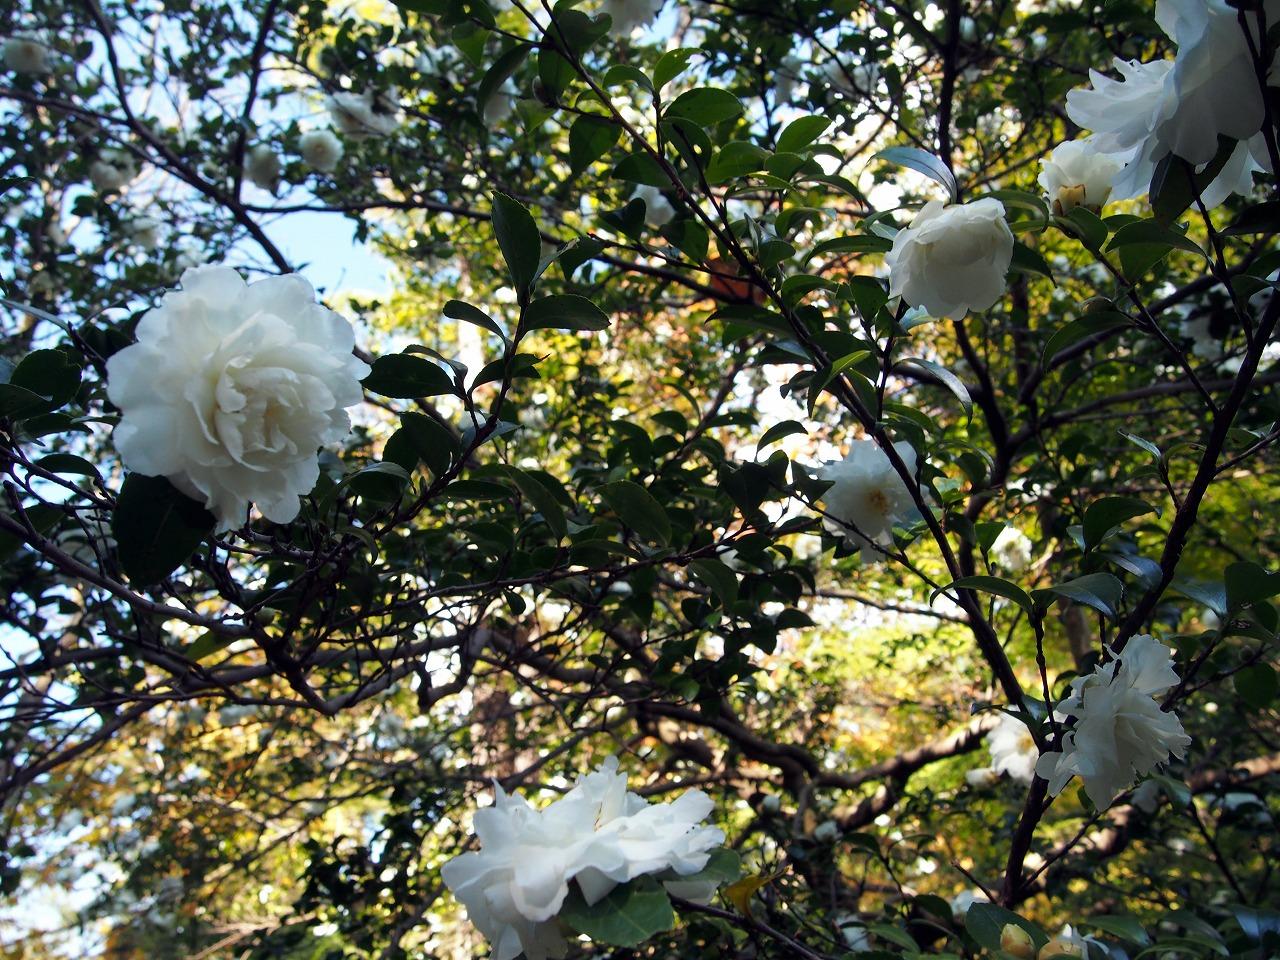 BotanicalGarden20_20141115.jpg